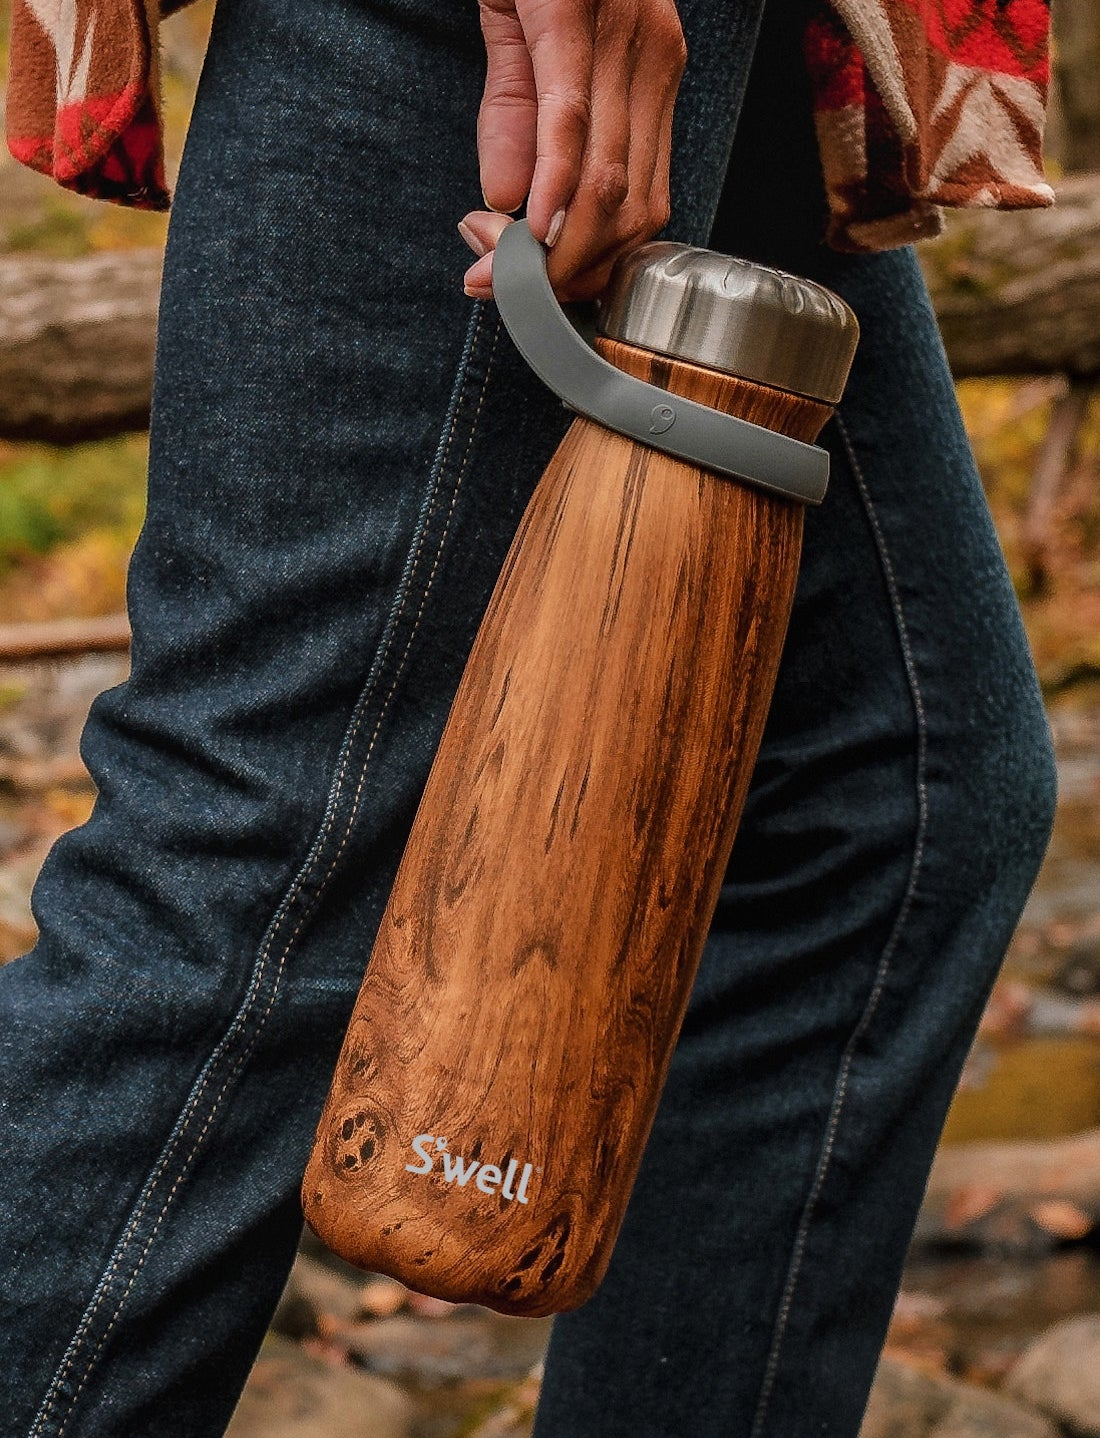 model carrying the teakwood traveler water bottle